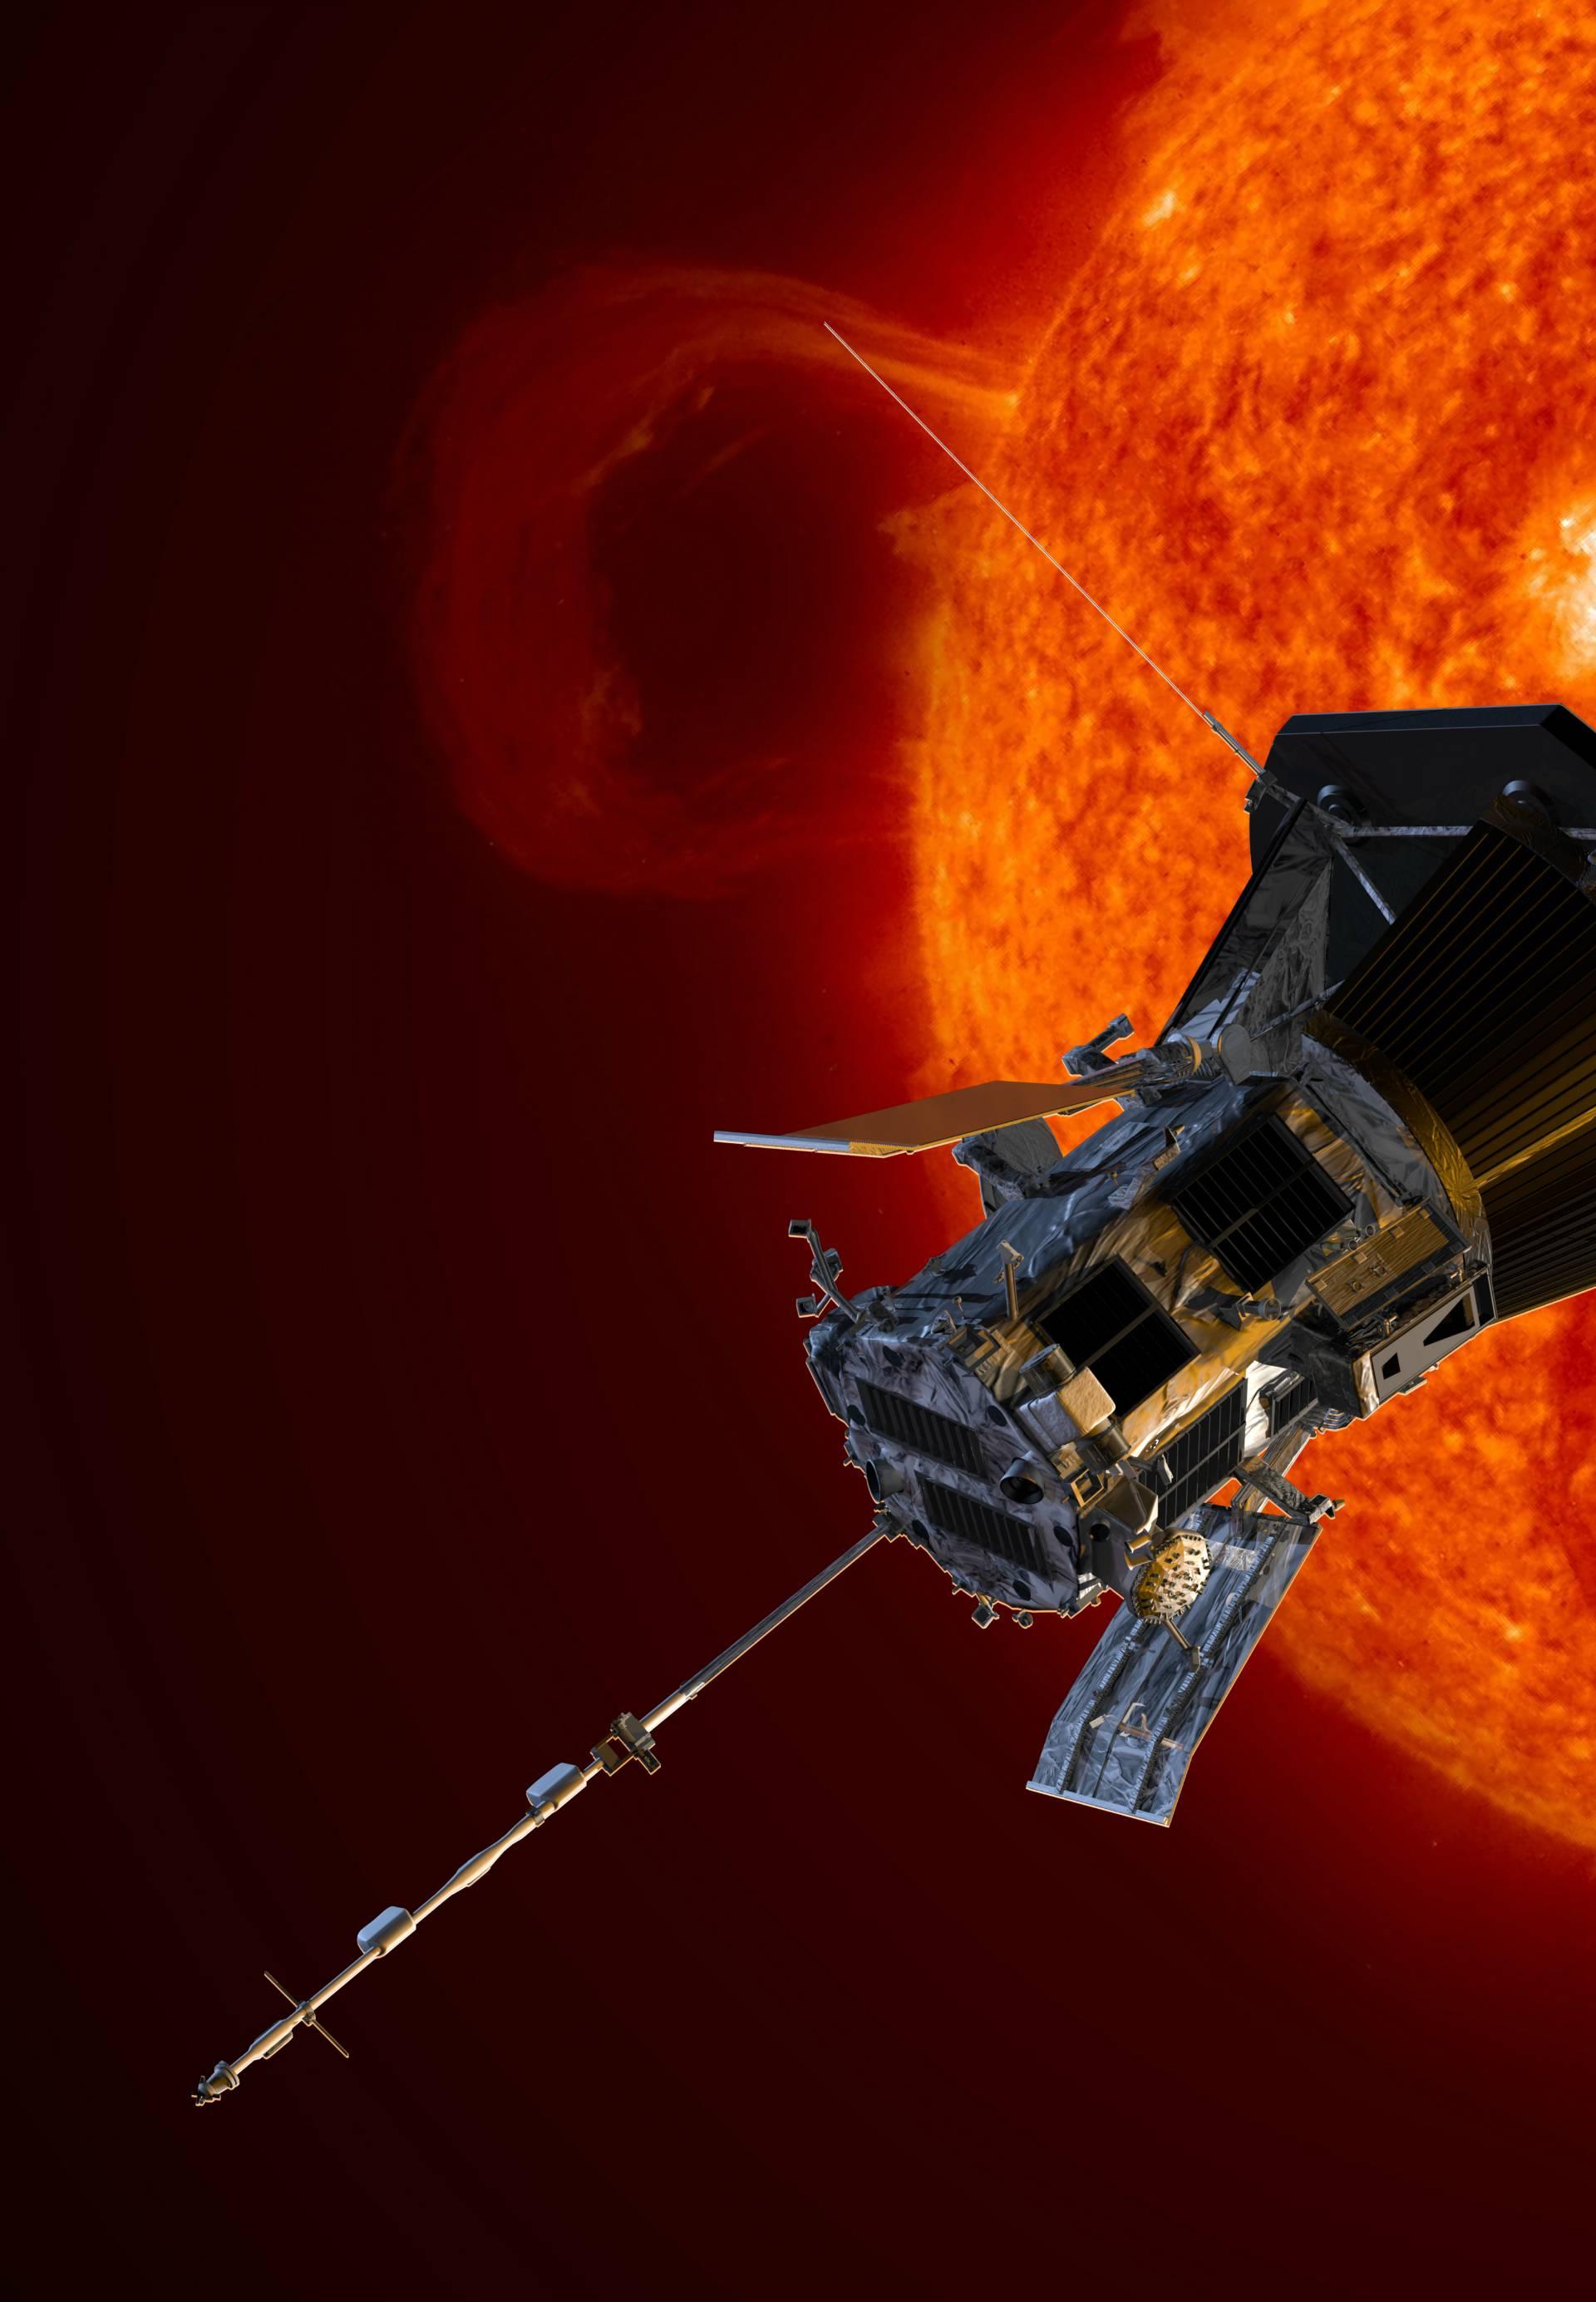 Sonda ruši rekorde: Najbrži je predmet koji su ljudi napravili